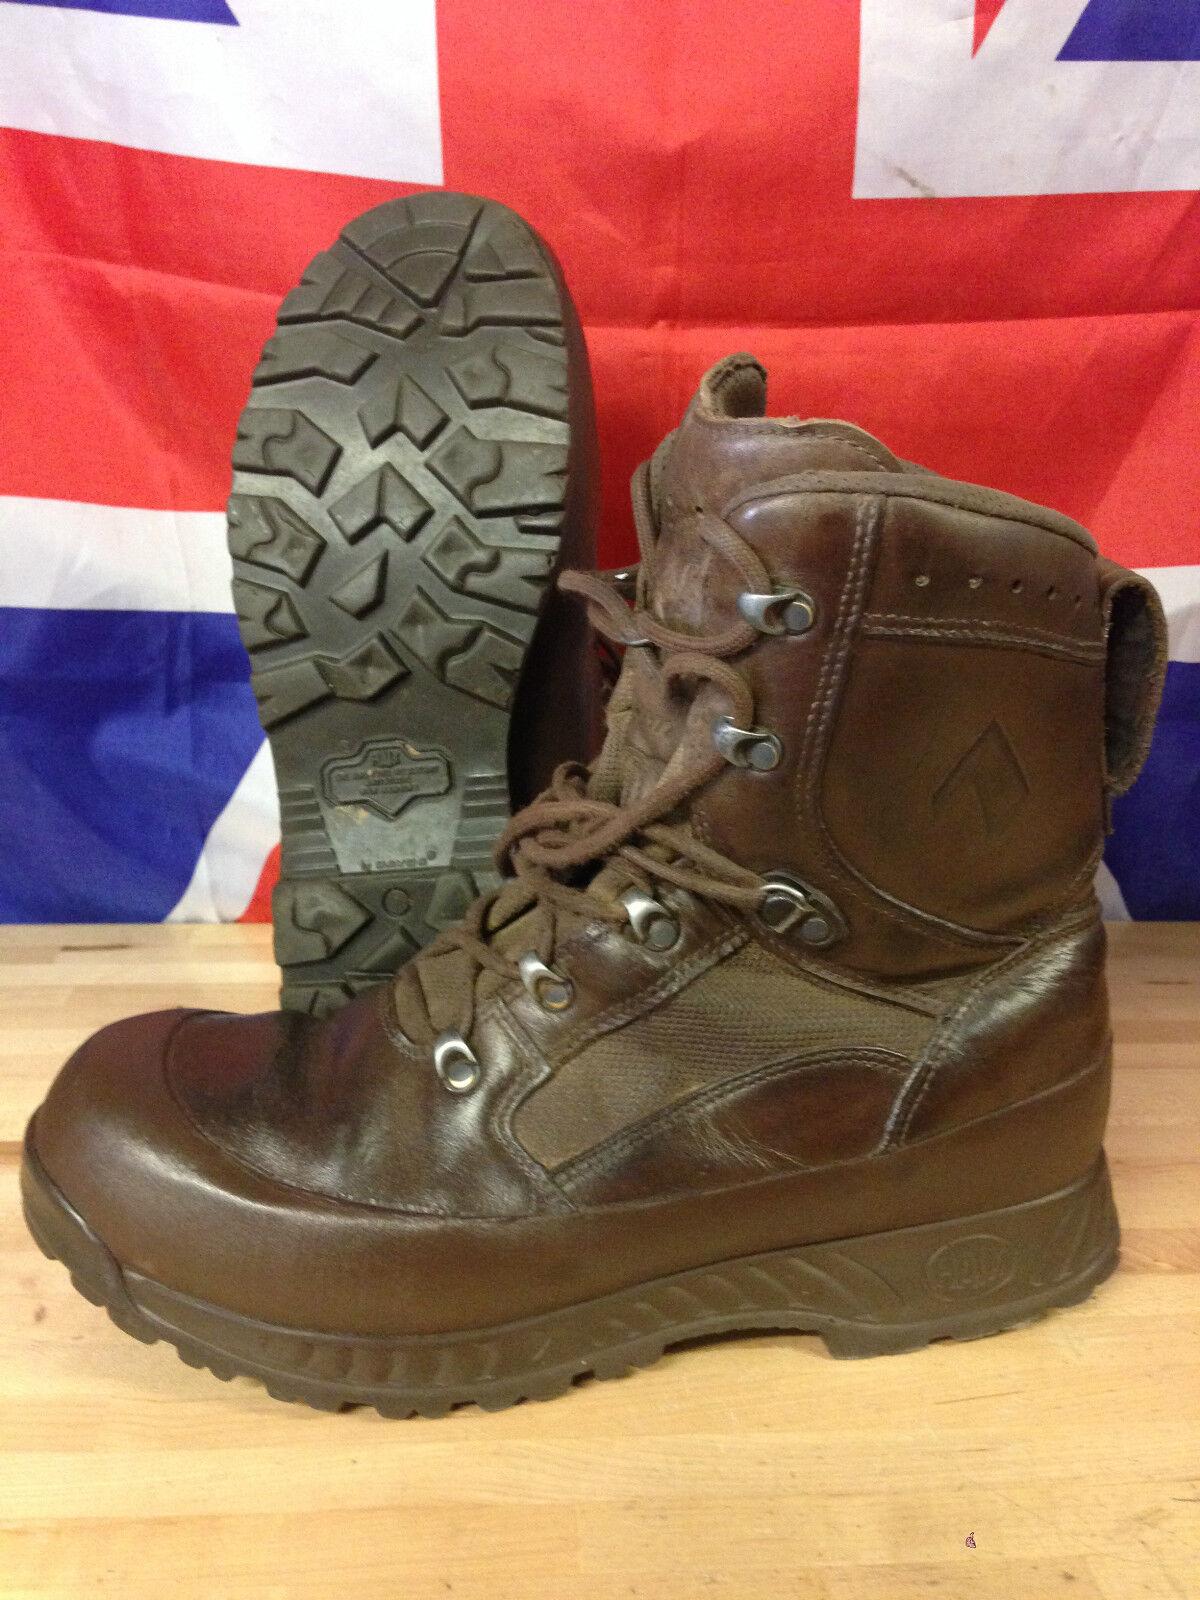 ORIGINALE Esercito Britannico Brown Haix alta responsabilità Combat Stivali Taglie USATI GR 1 Molte Taglie Stivali 49025b